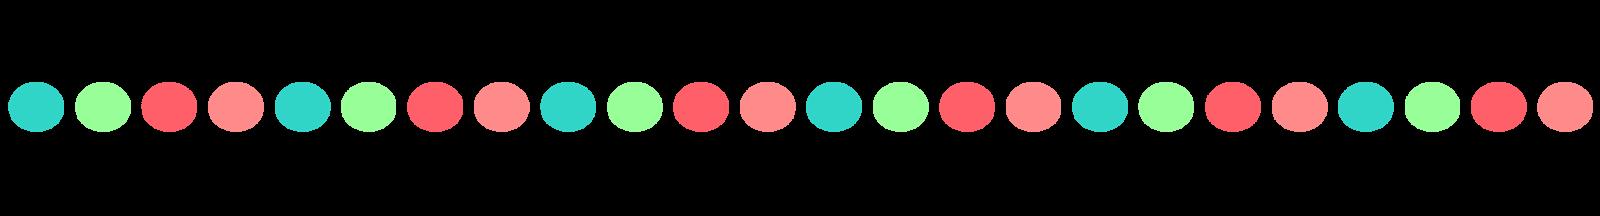 Dot clipart divider, Dot divider Transparent FREE for download on  WebStockReview 2021